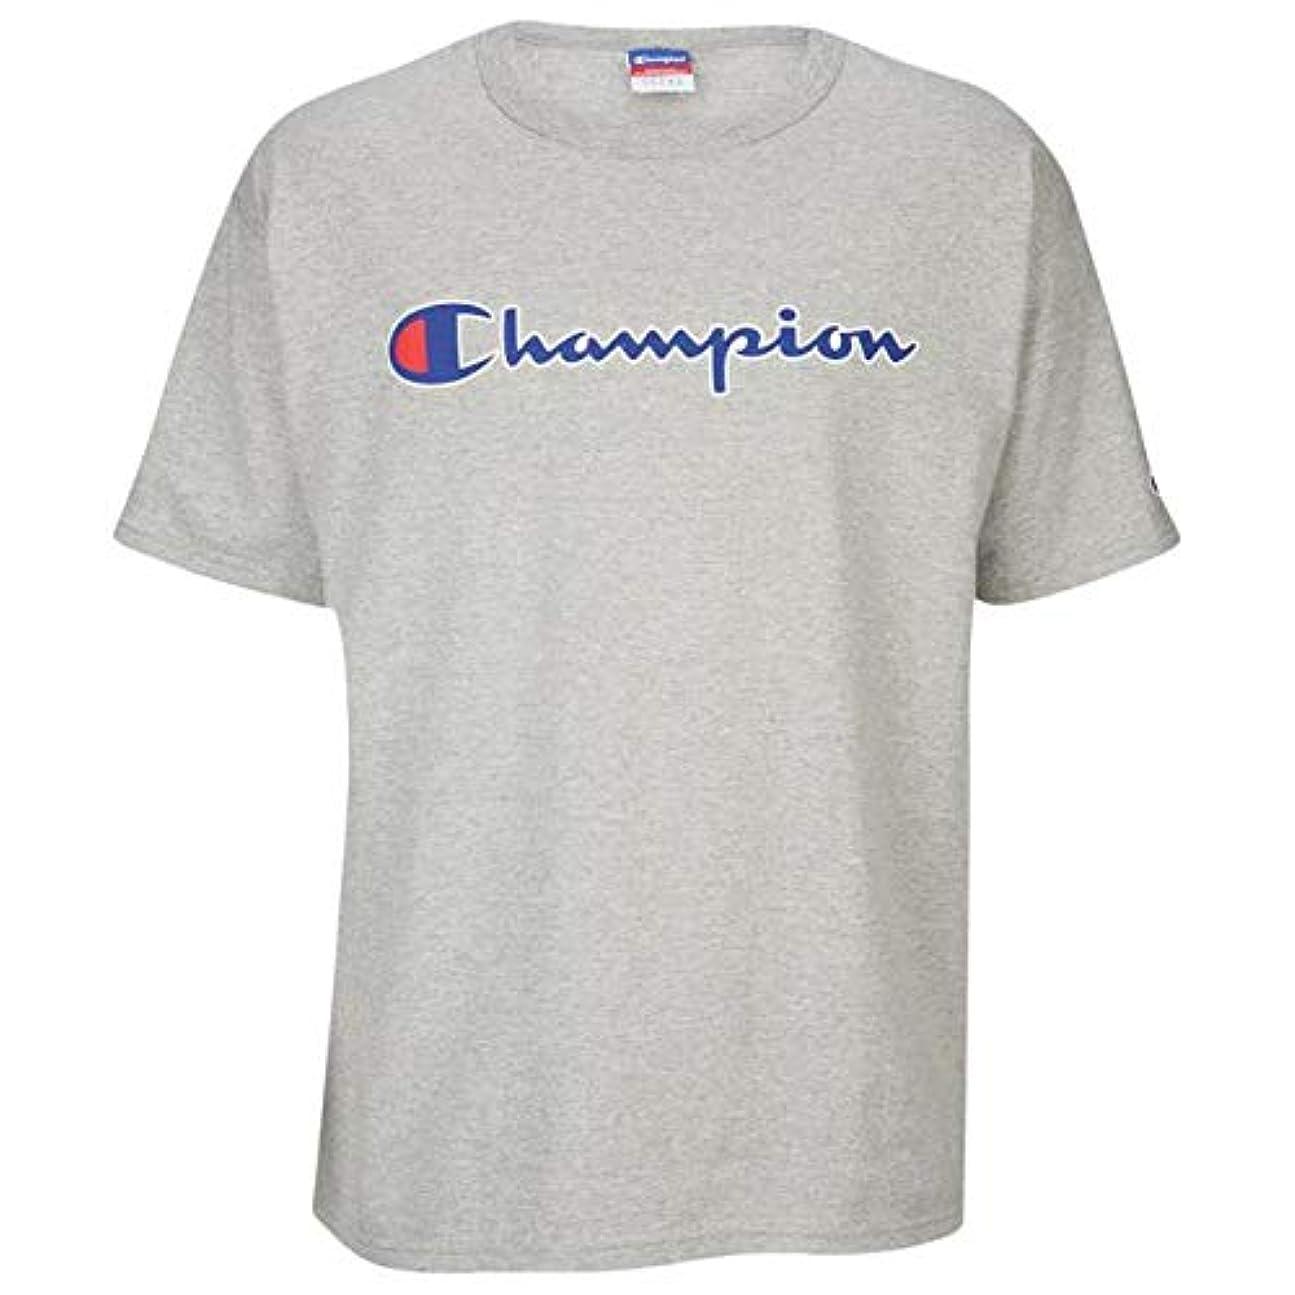 廃棄する普遍的な不倫(チャンピオン)Champion Graphic Short Sleeve T-Shirt メンズ Tシャツ [並行輸入品]